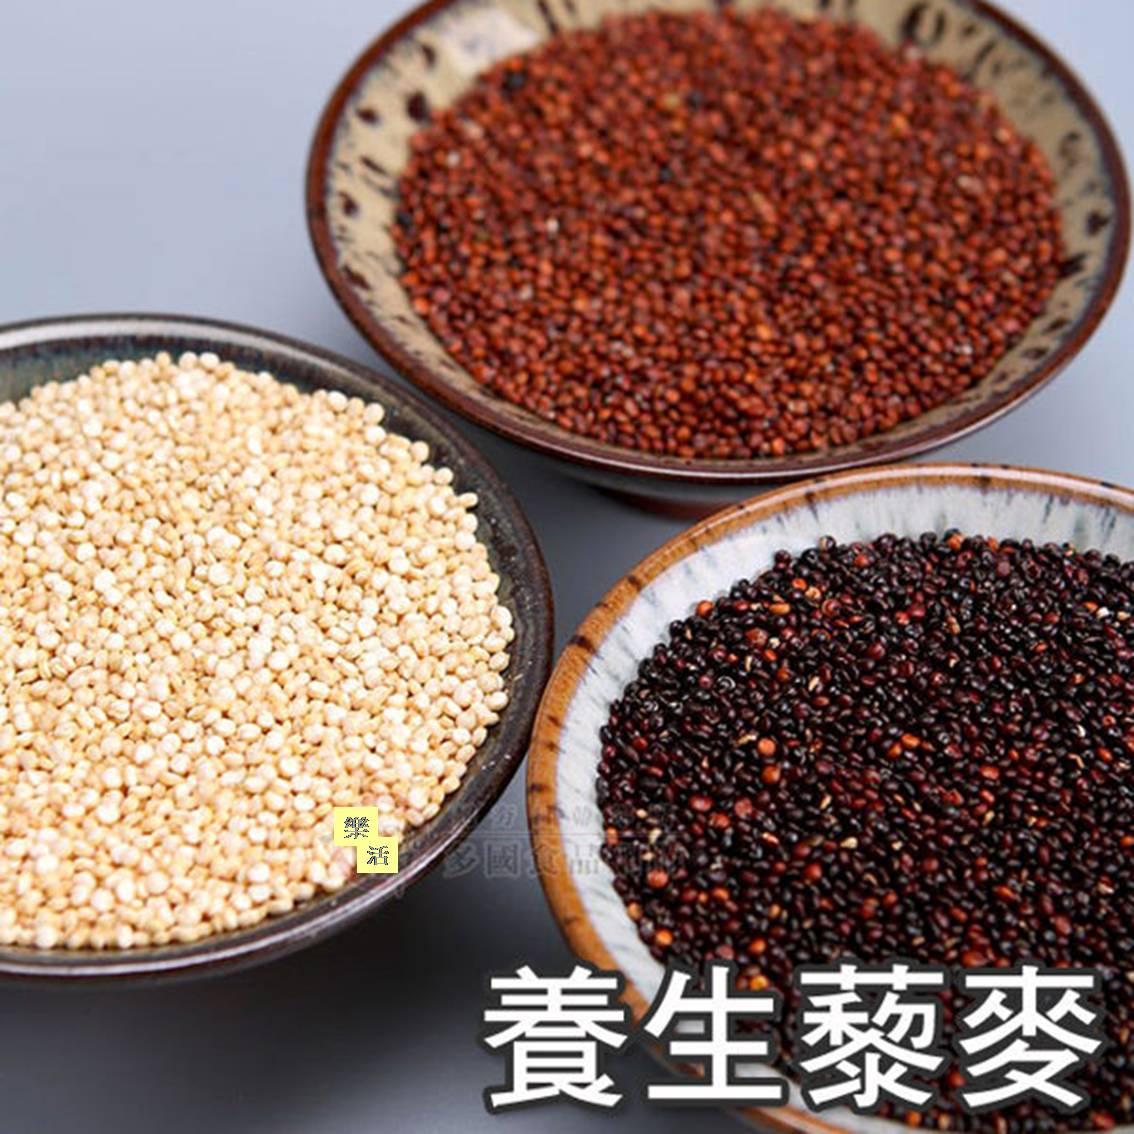 養生藜麥 經濟包500g 三色藜麥/紅藜麥/黑藜麥/白藜麥   【樂活生活館】